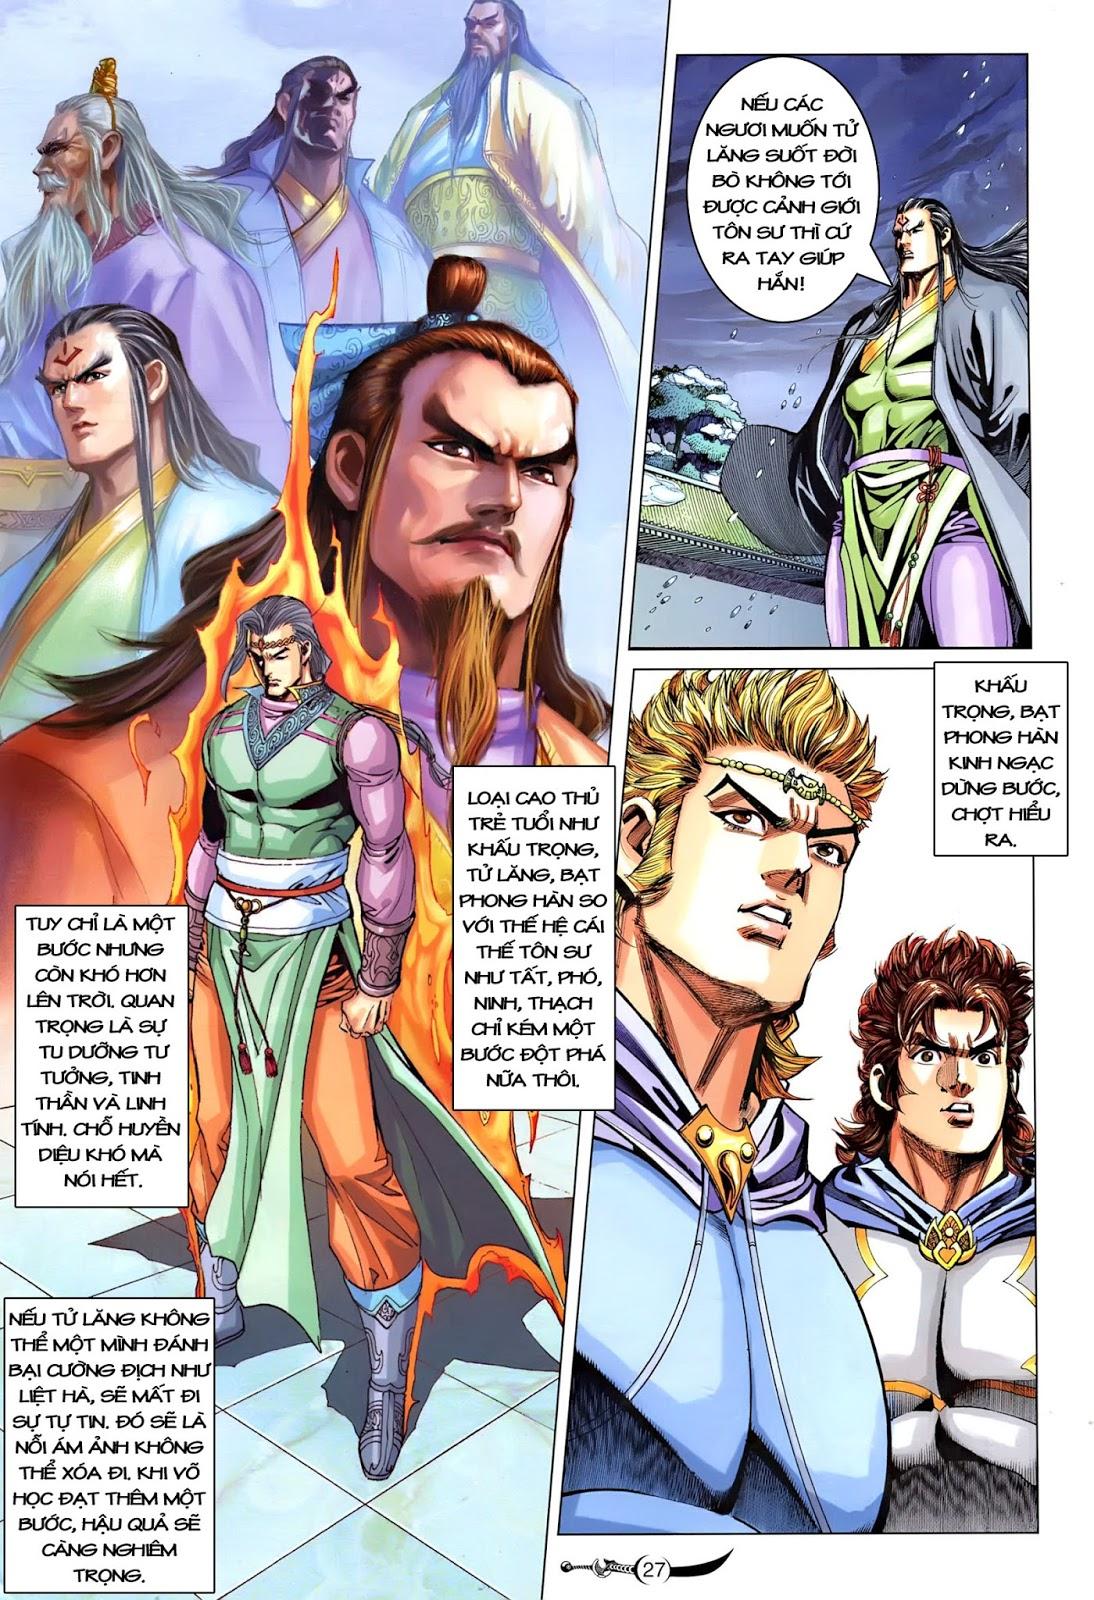 Đại Đường Song Long Truyện chap 218 - Trang 29